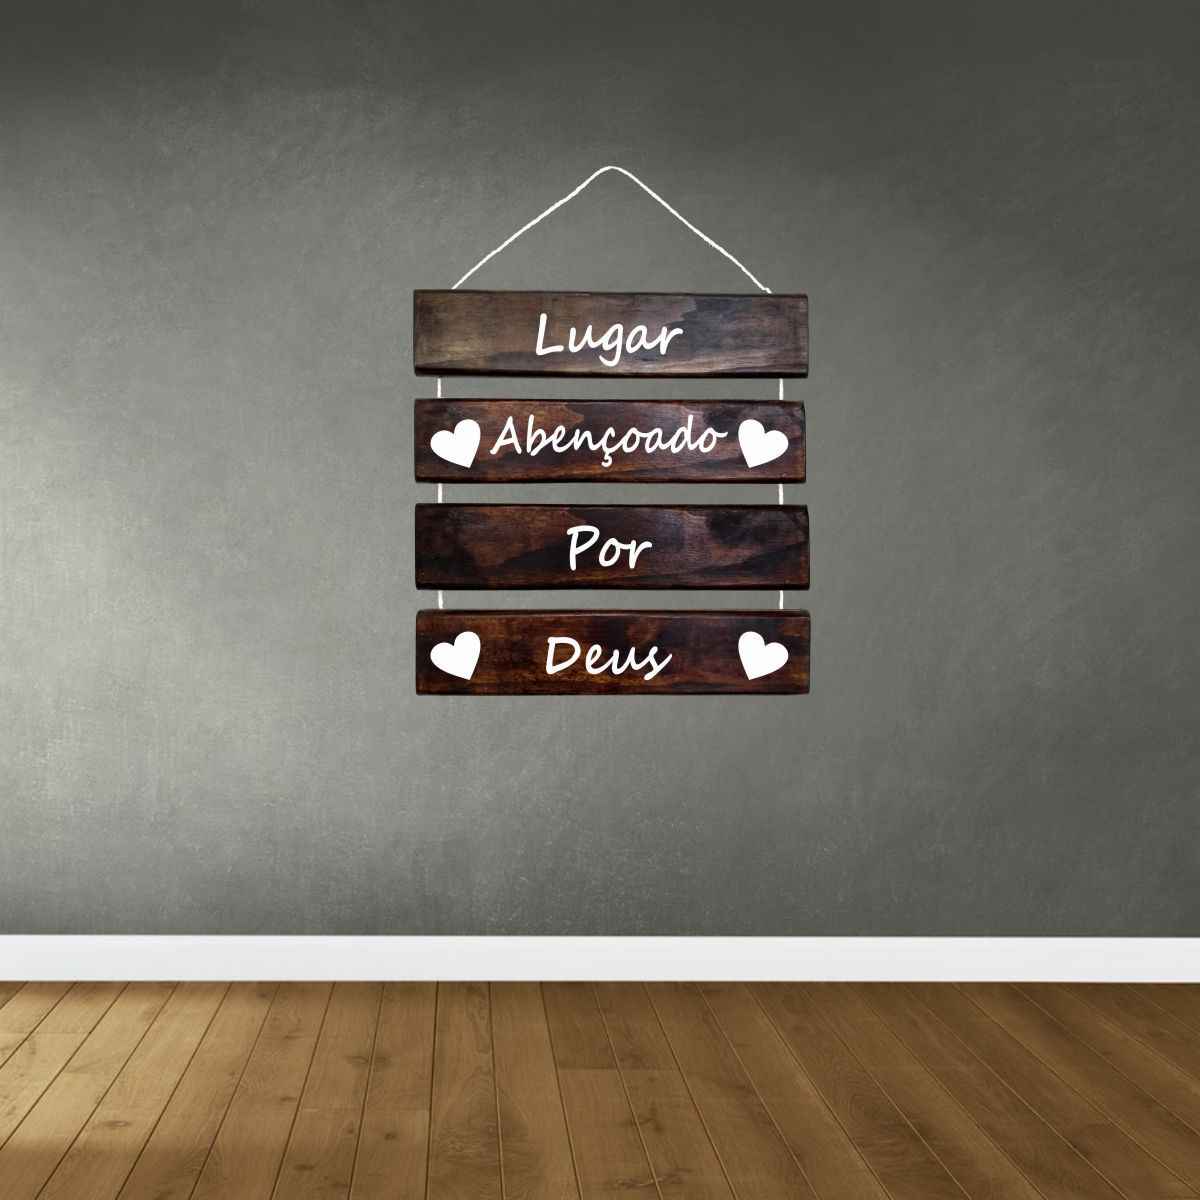 Placa Decorativa Madeira Rústica Corda Sisal Lugar Abençoado Por Deus